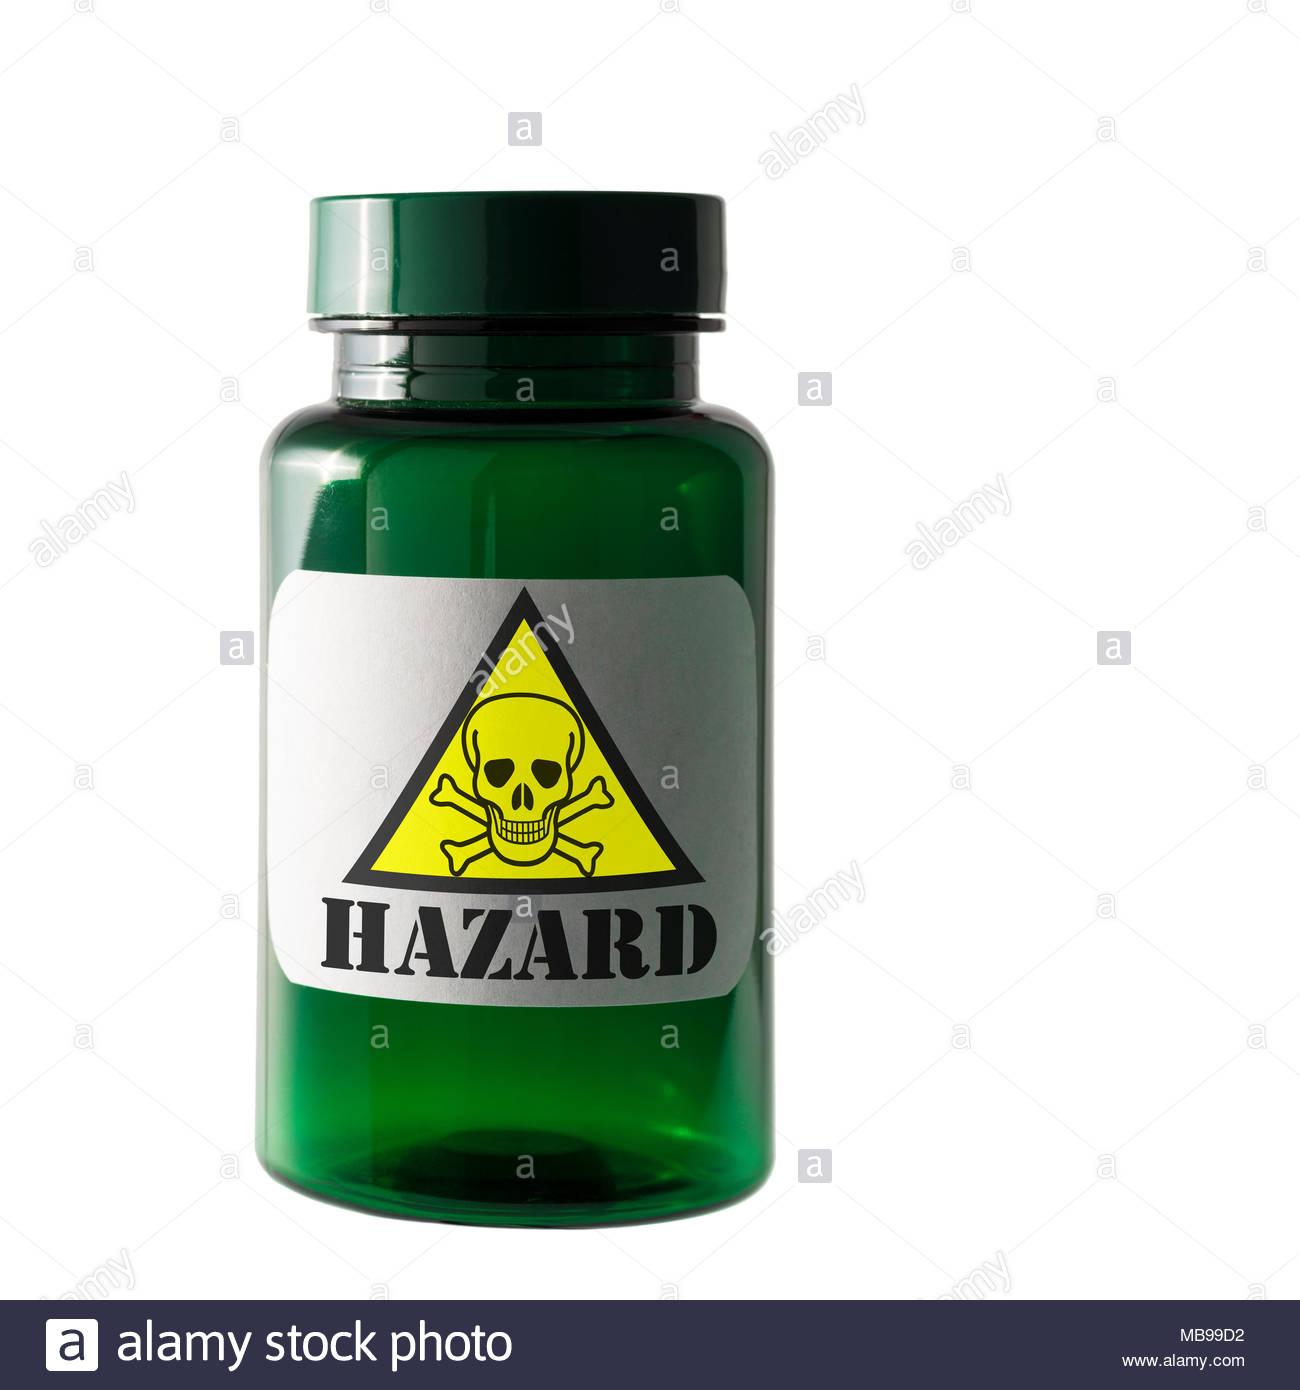 Hazard warning label, Dorset, England, UK - Stock Image